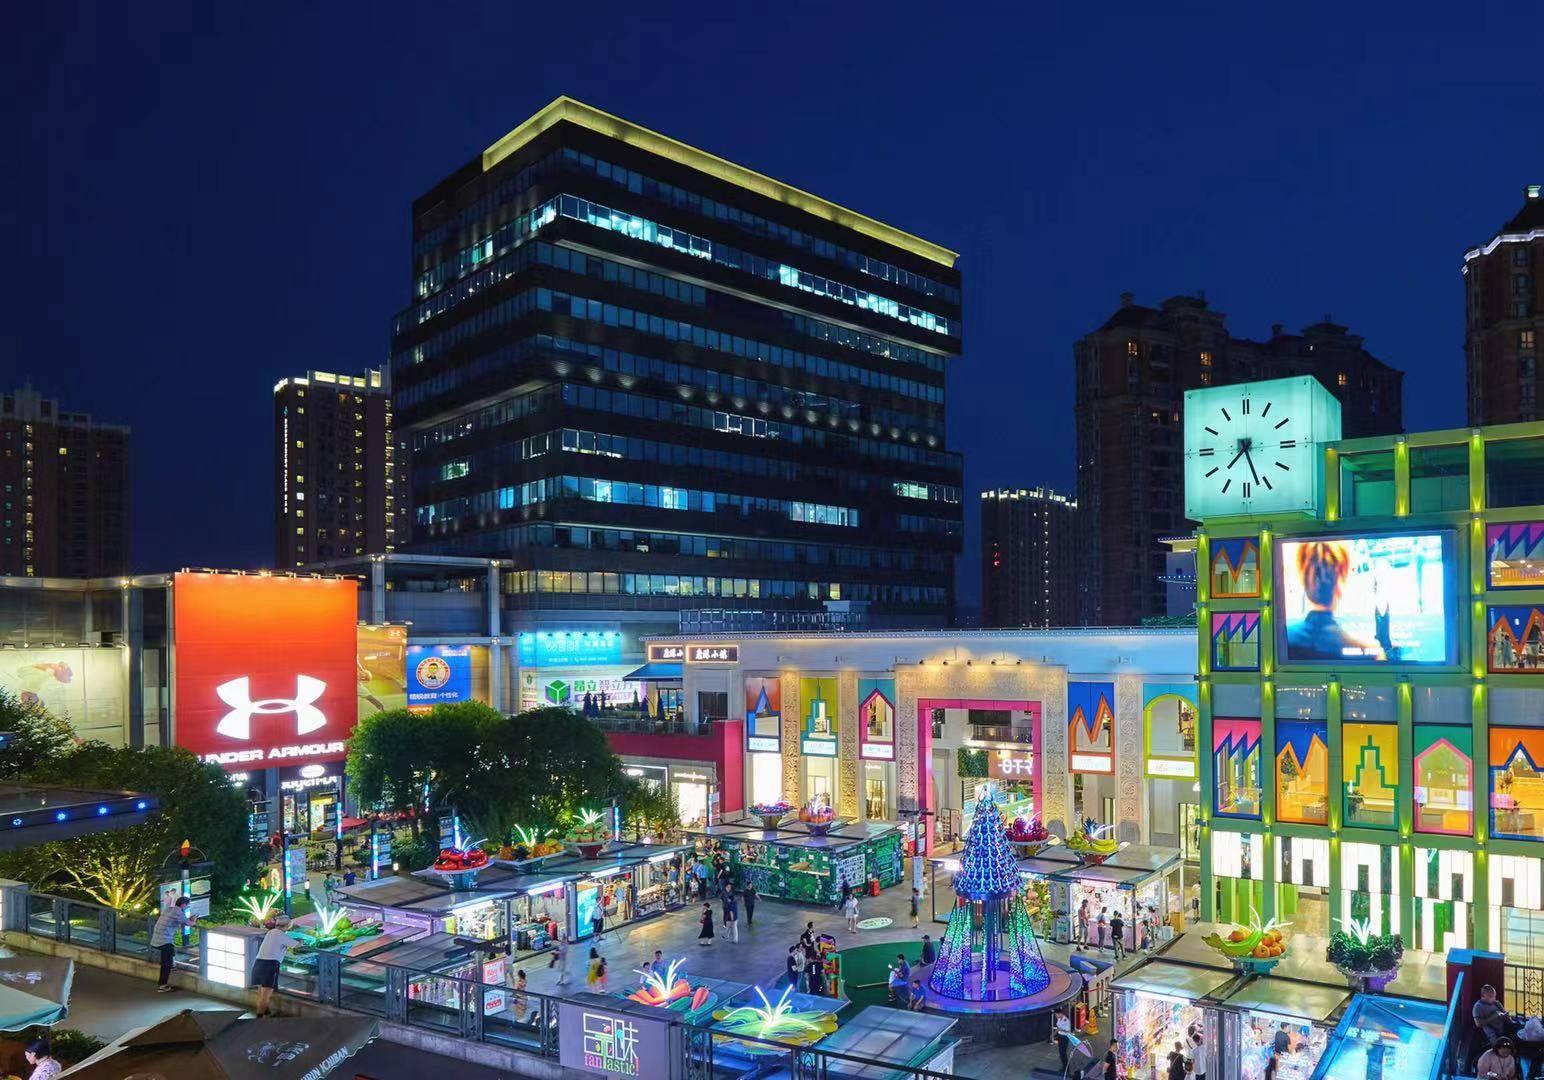 又潮又绿色!这个中秋小长假,浦东金桥这个商业广场玩出新花...